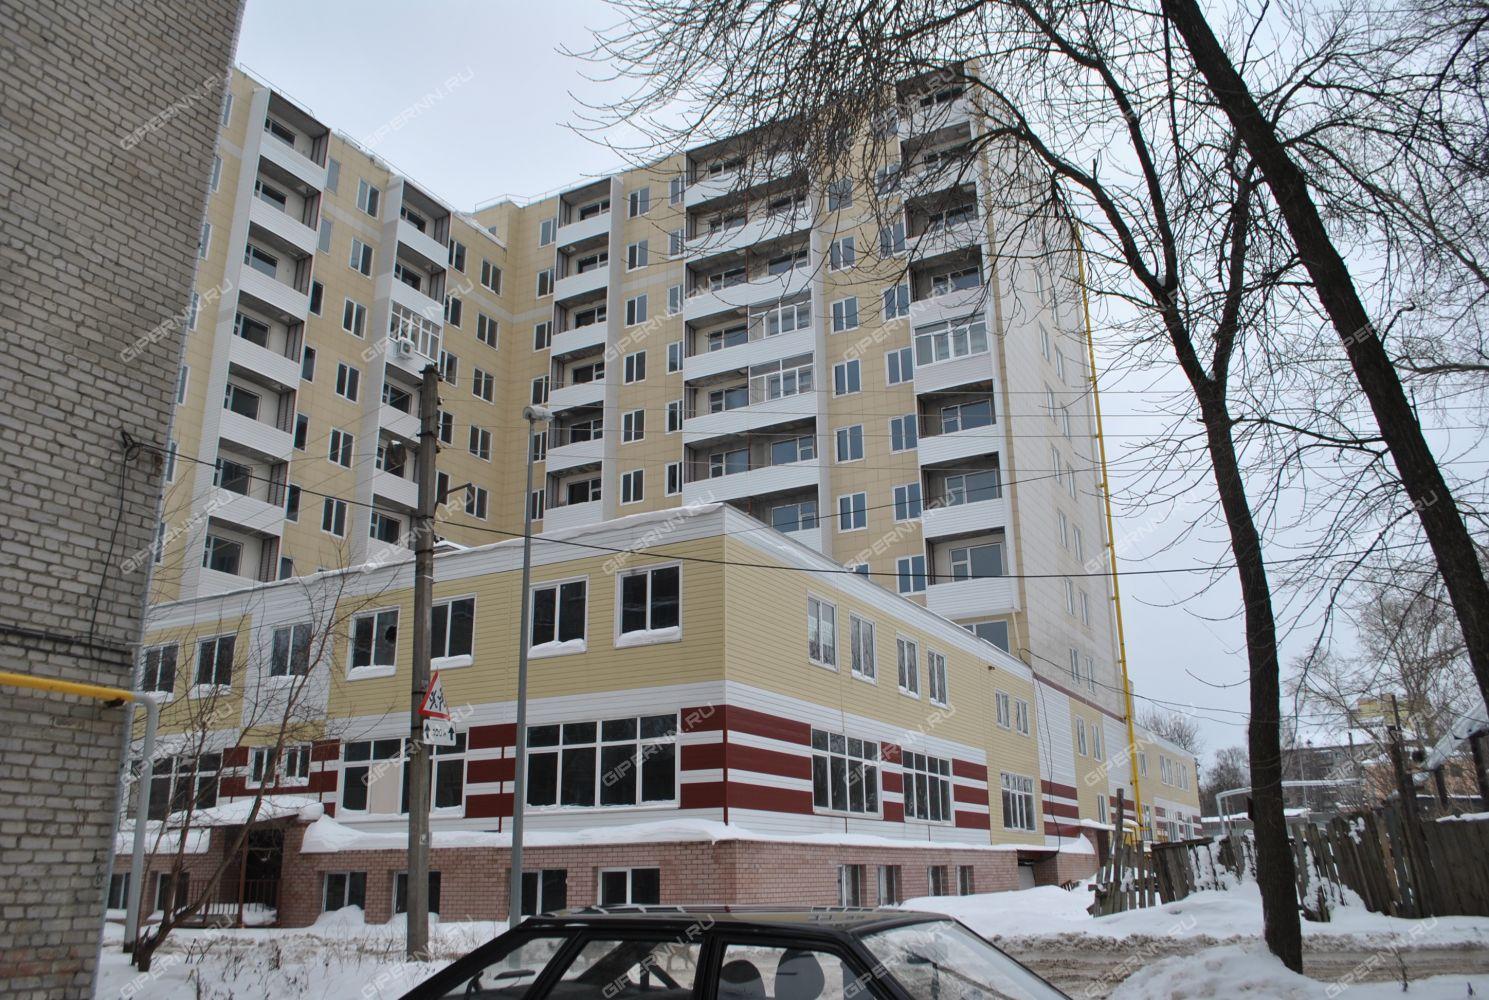 Сайт поиска помещений под офис Дальняя улица аренда коммерческой недвижимости в новосибирске до 50 кв.м